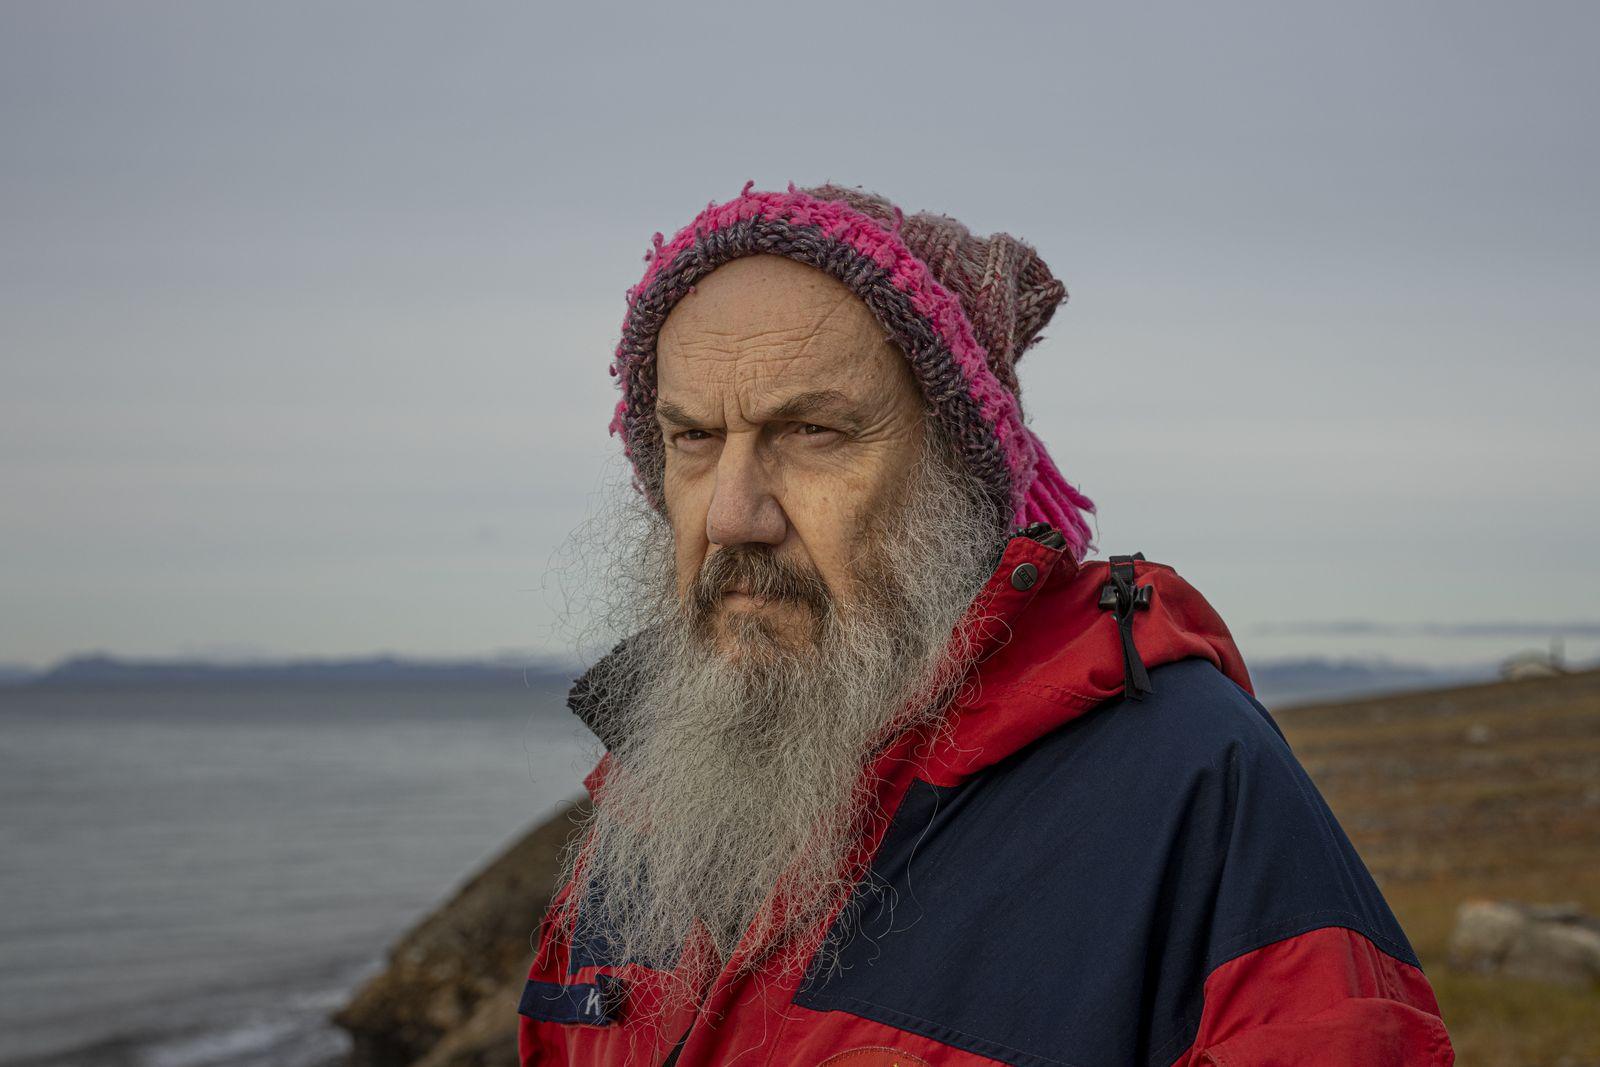 EINMALIGE VERWENDUNG SP 41/2019 S. 84 - Kim Holmen - Bedrohung aus dem Eis - Polarforscher Kim Holmén